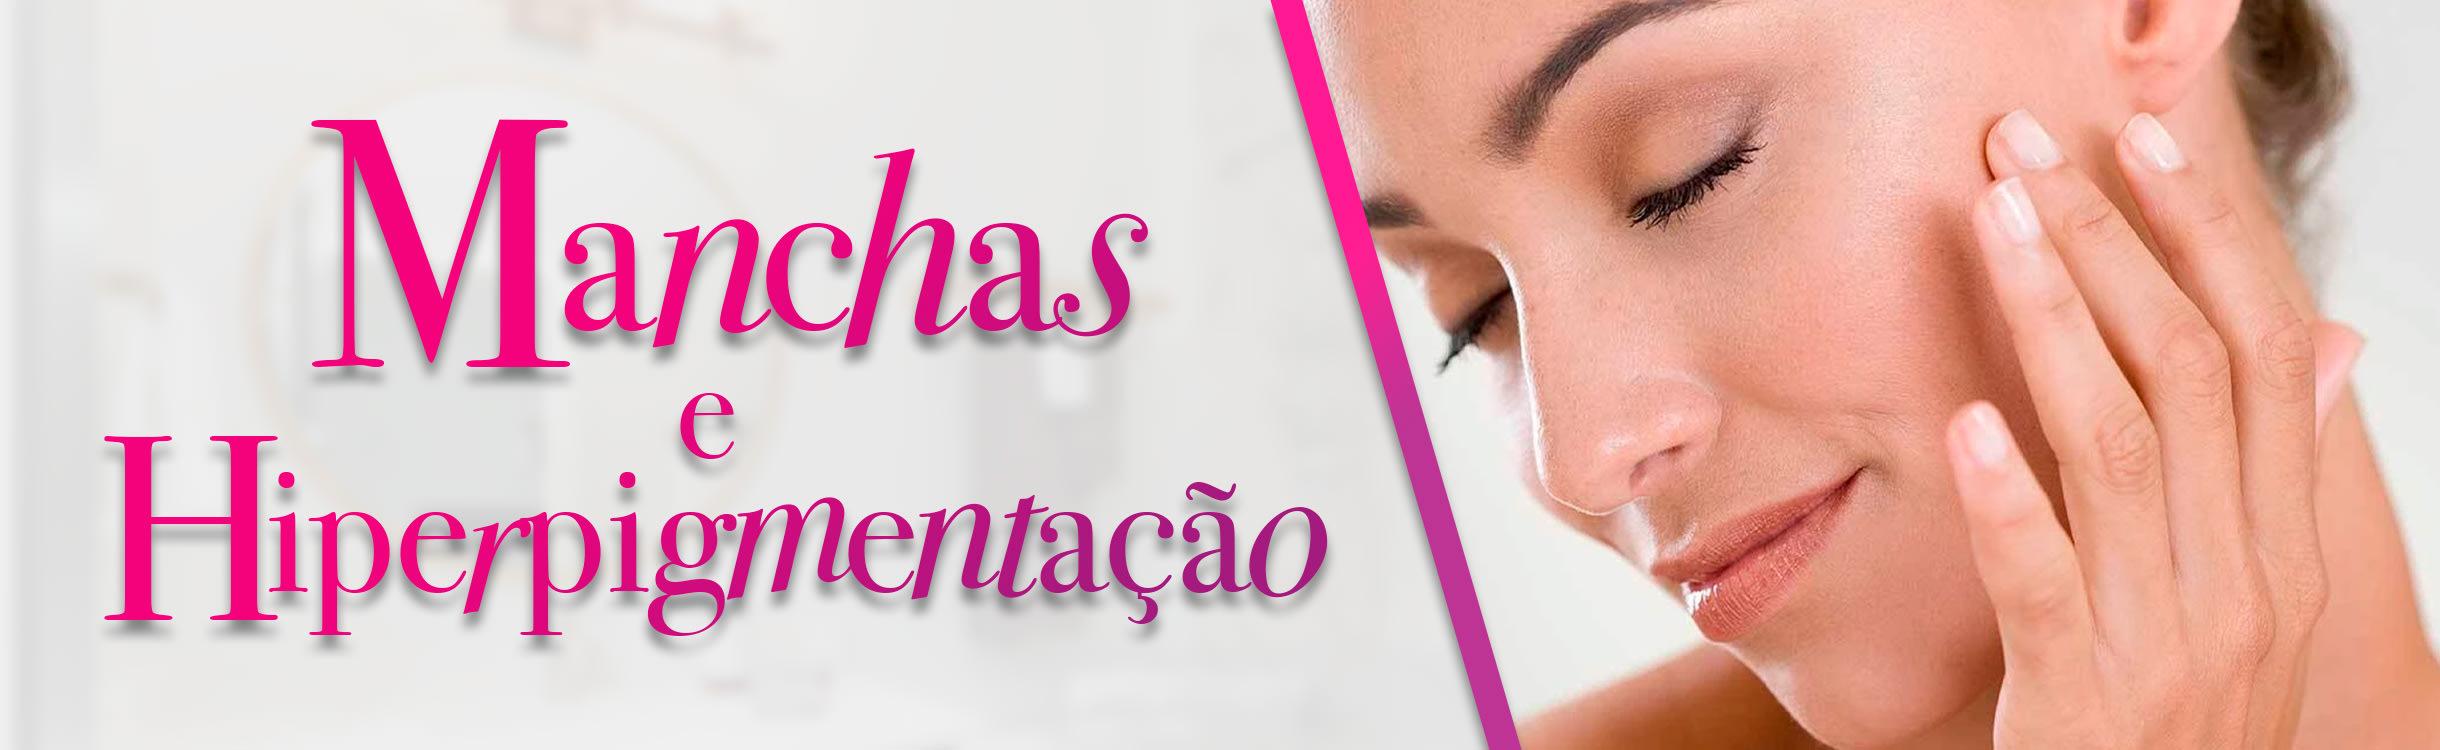 Dermocosméticos para Manchas e Hiperpigmentação